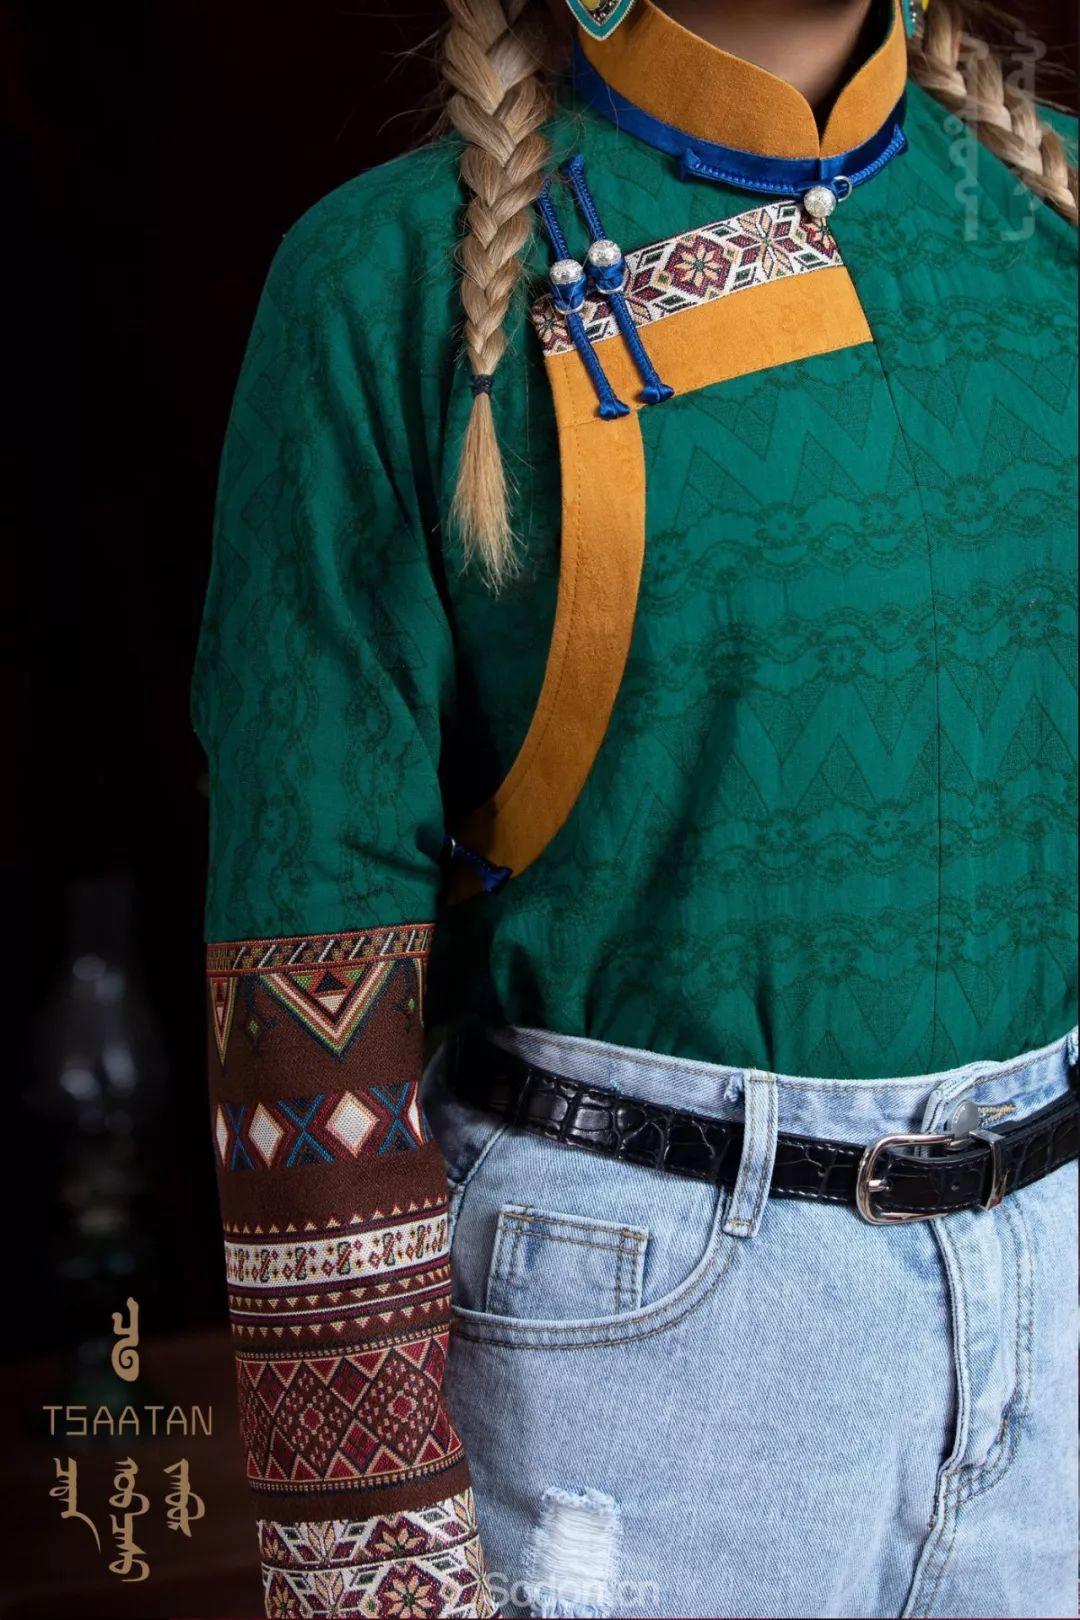 TSAATAN蒙古时装秋冬系列,来自驯鹿人的独特魅力! 第38张 TSAATAN蒙古时装秋冬系列,来自驯鹿人的独特魅力! 蒙古服饰